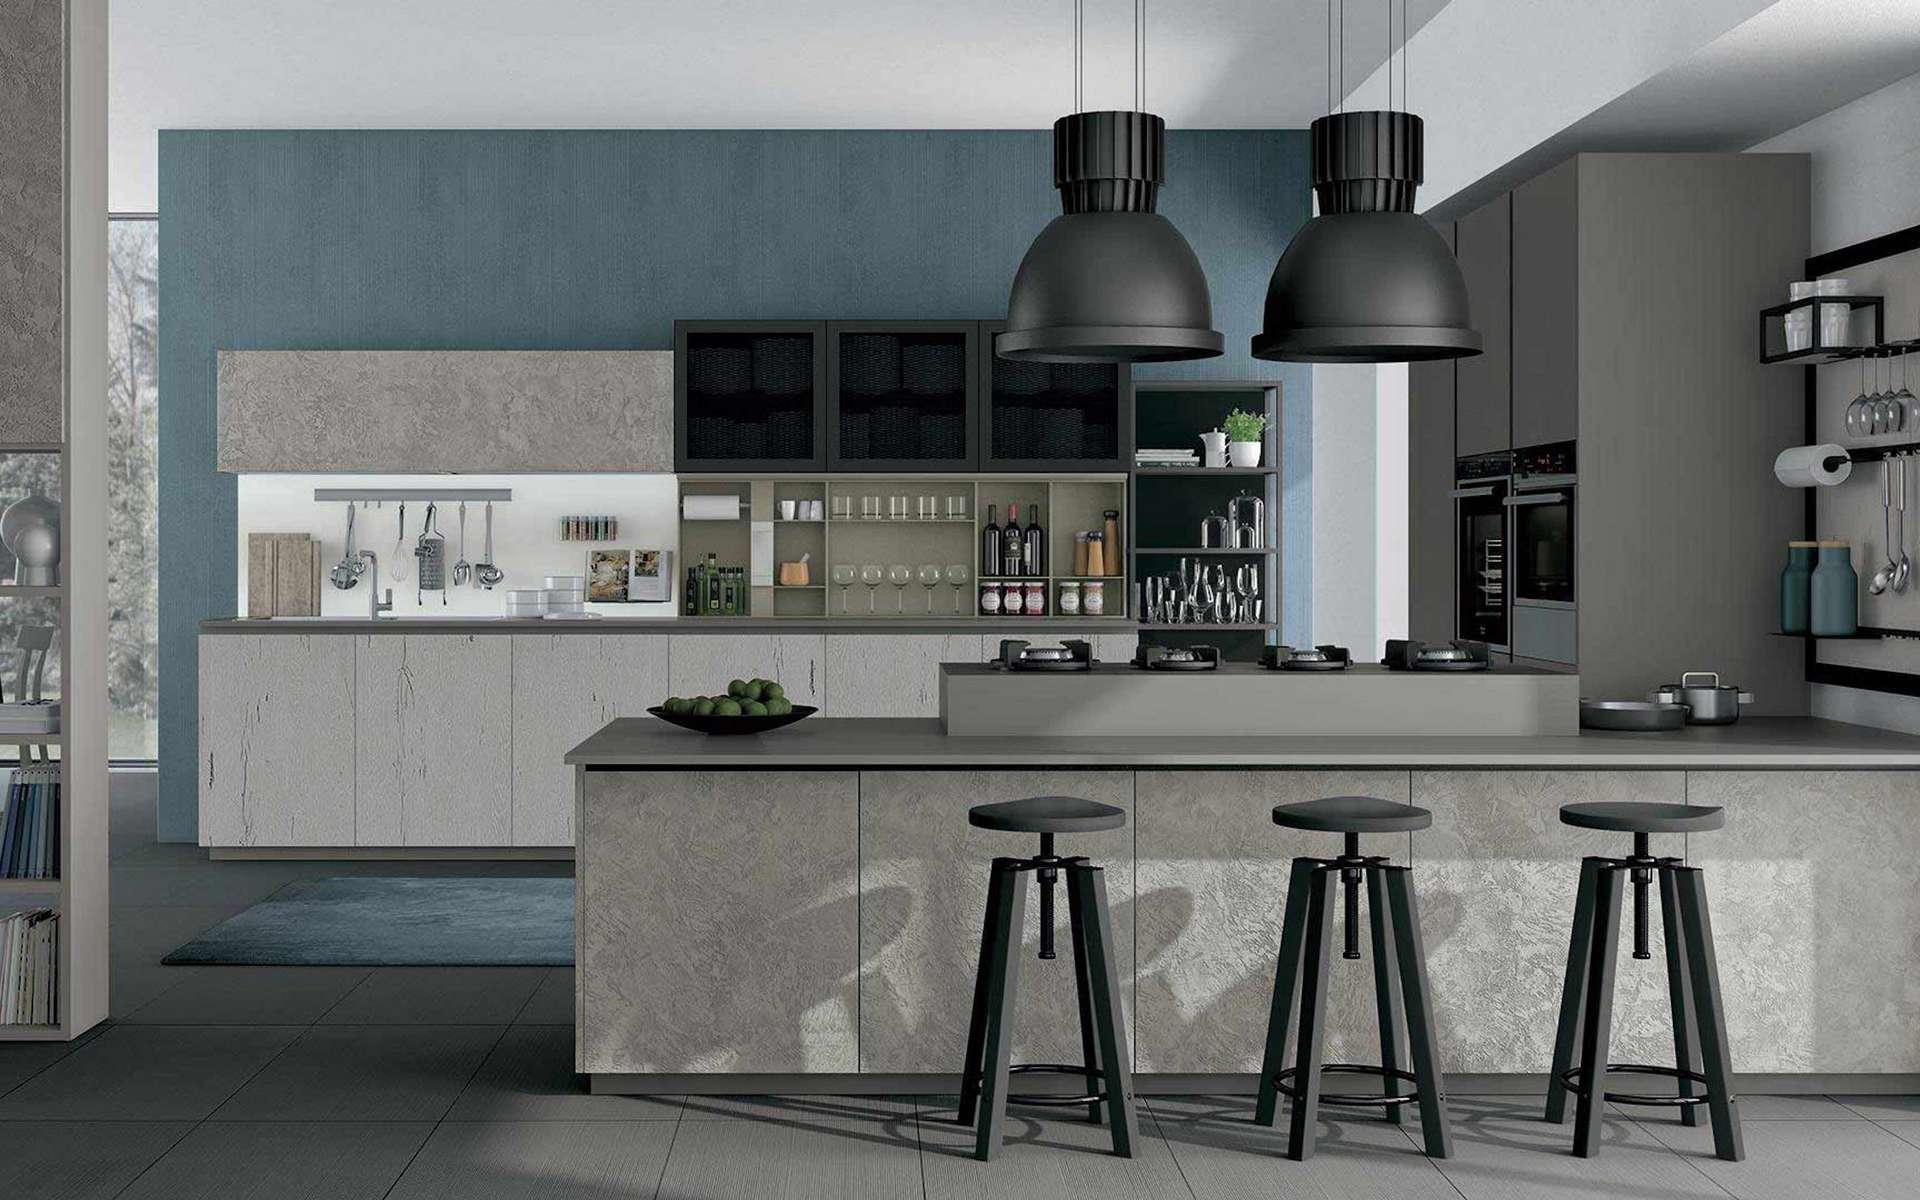 Des cloches Led au-dessus d'un comptoir en épi ou d'un îlot, un must dans une cuisine de style atelier industriel. © Les cuisines d'Arno